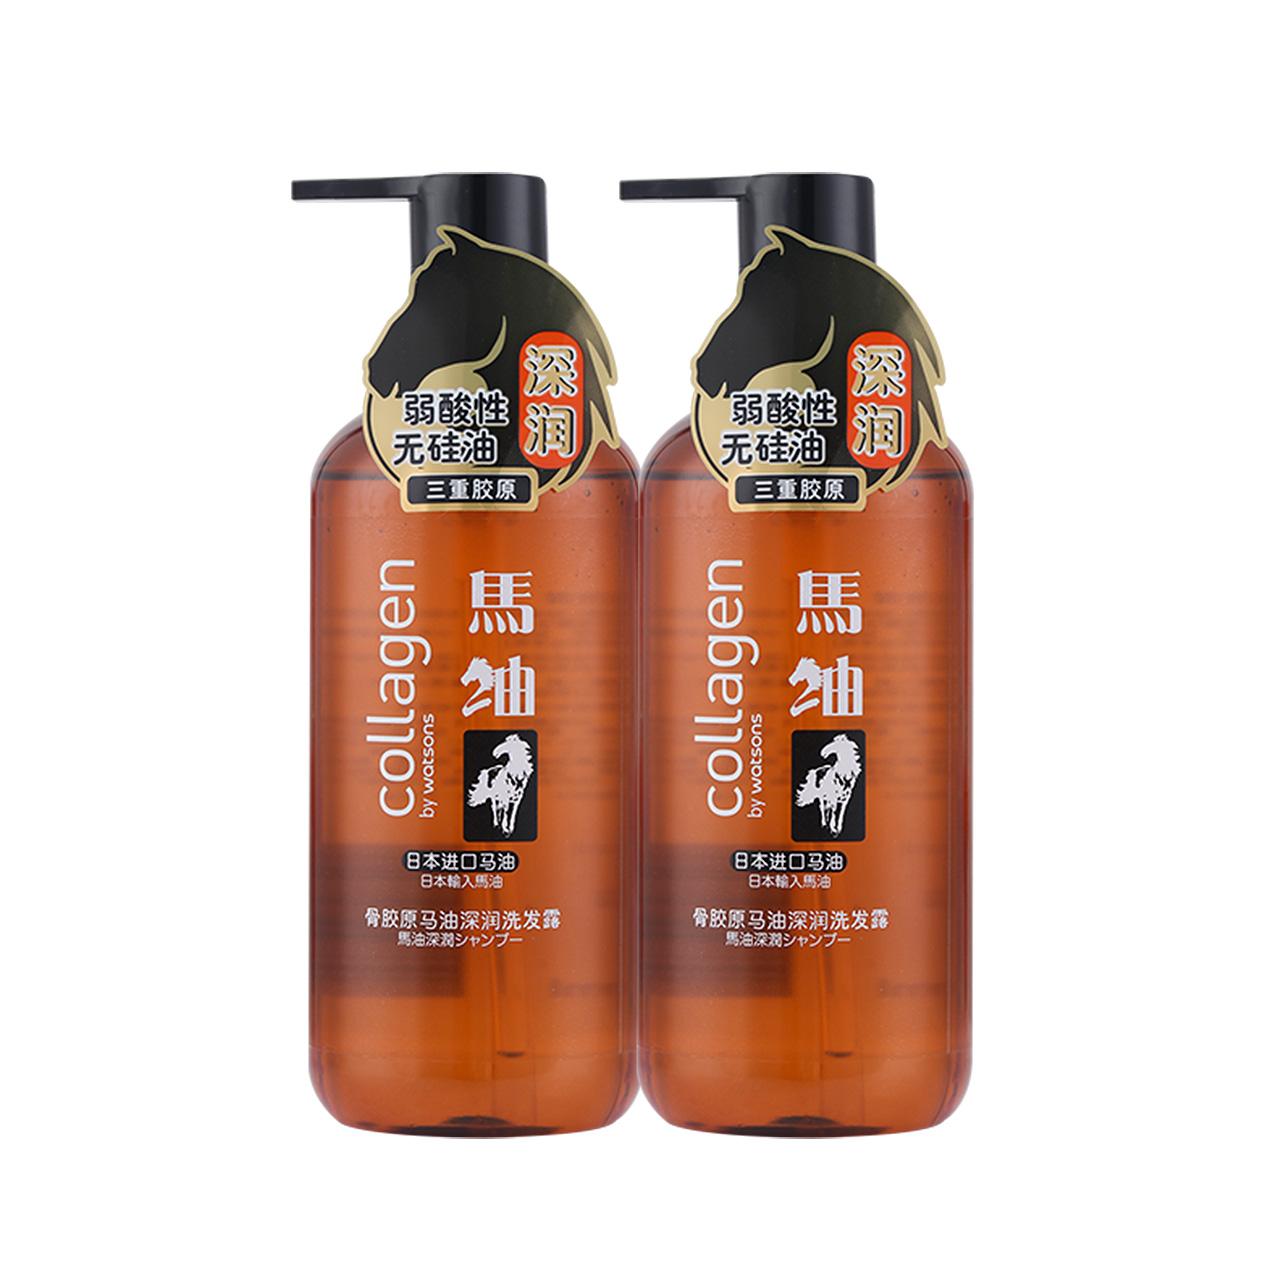 屈臣氏洗发水骨胶原马油洗发露洗发膏500MLX2瓶去屑止痒持久正品